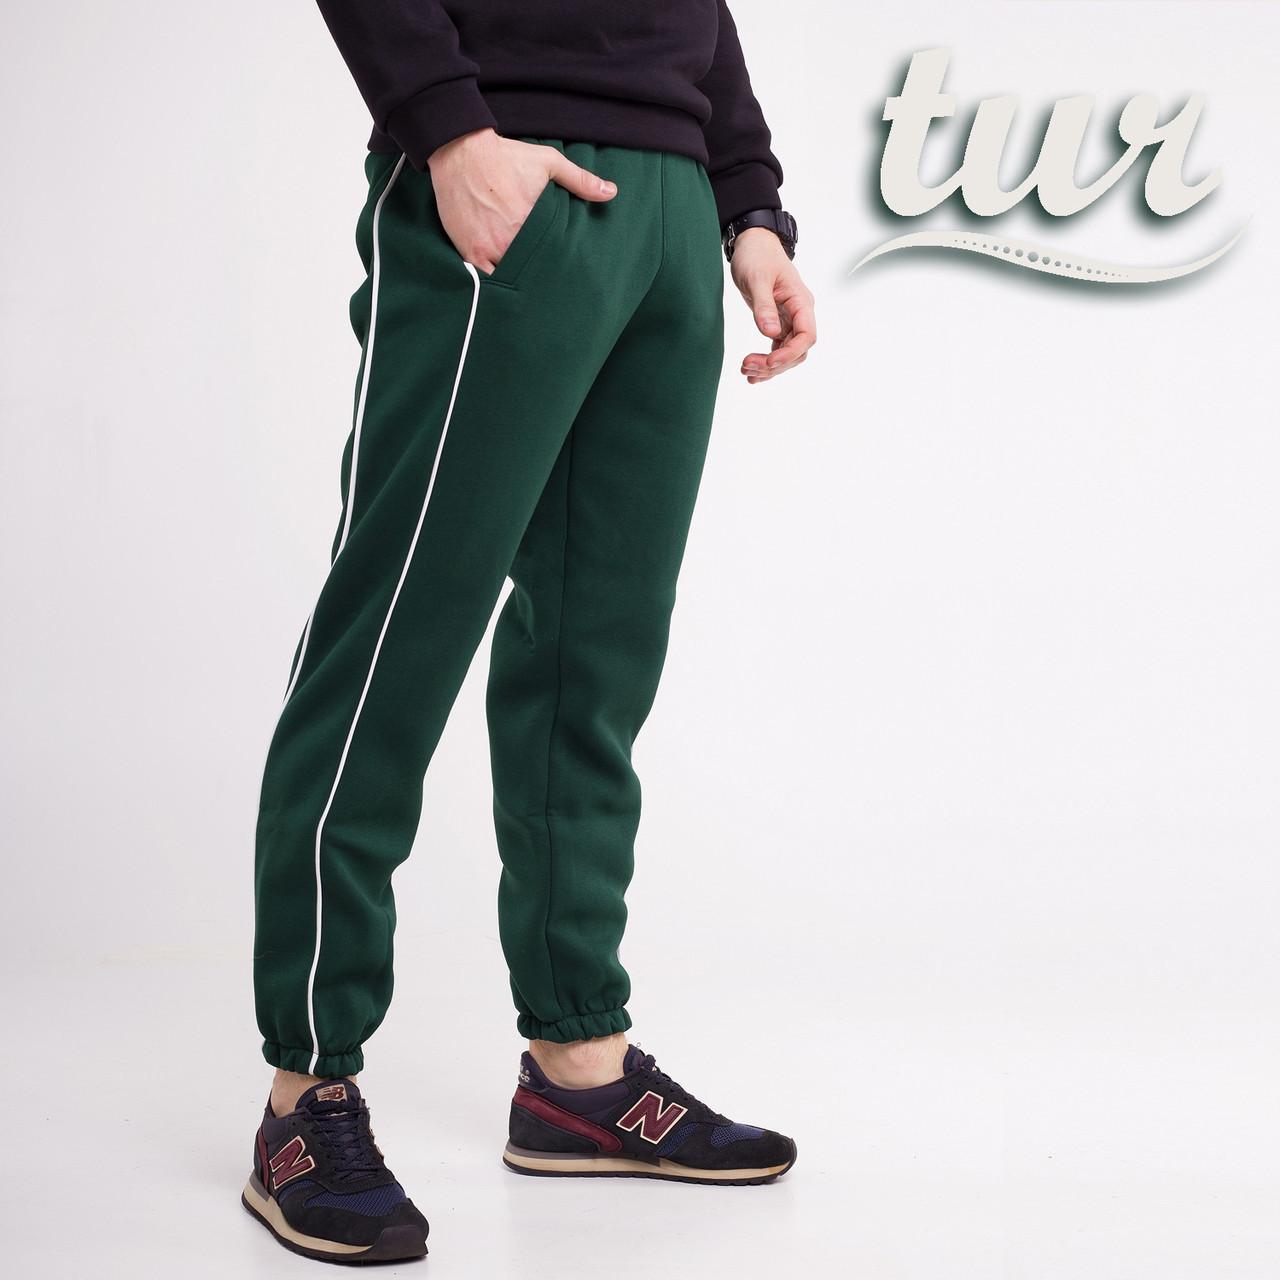 Зимові спортивні штани чоловічі зелені від бренду ТУР модель Сектор (Sector) розмір XS, S, M, L, XL, XXL